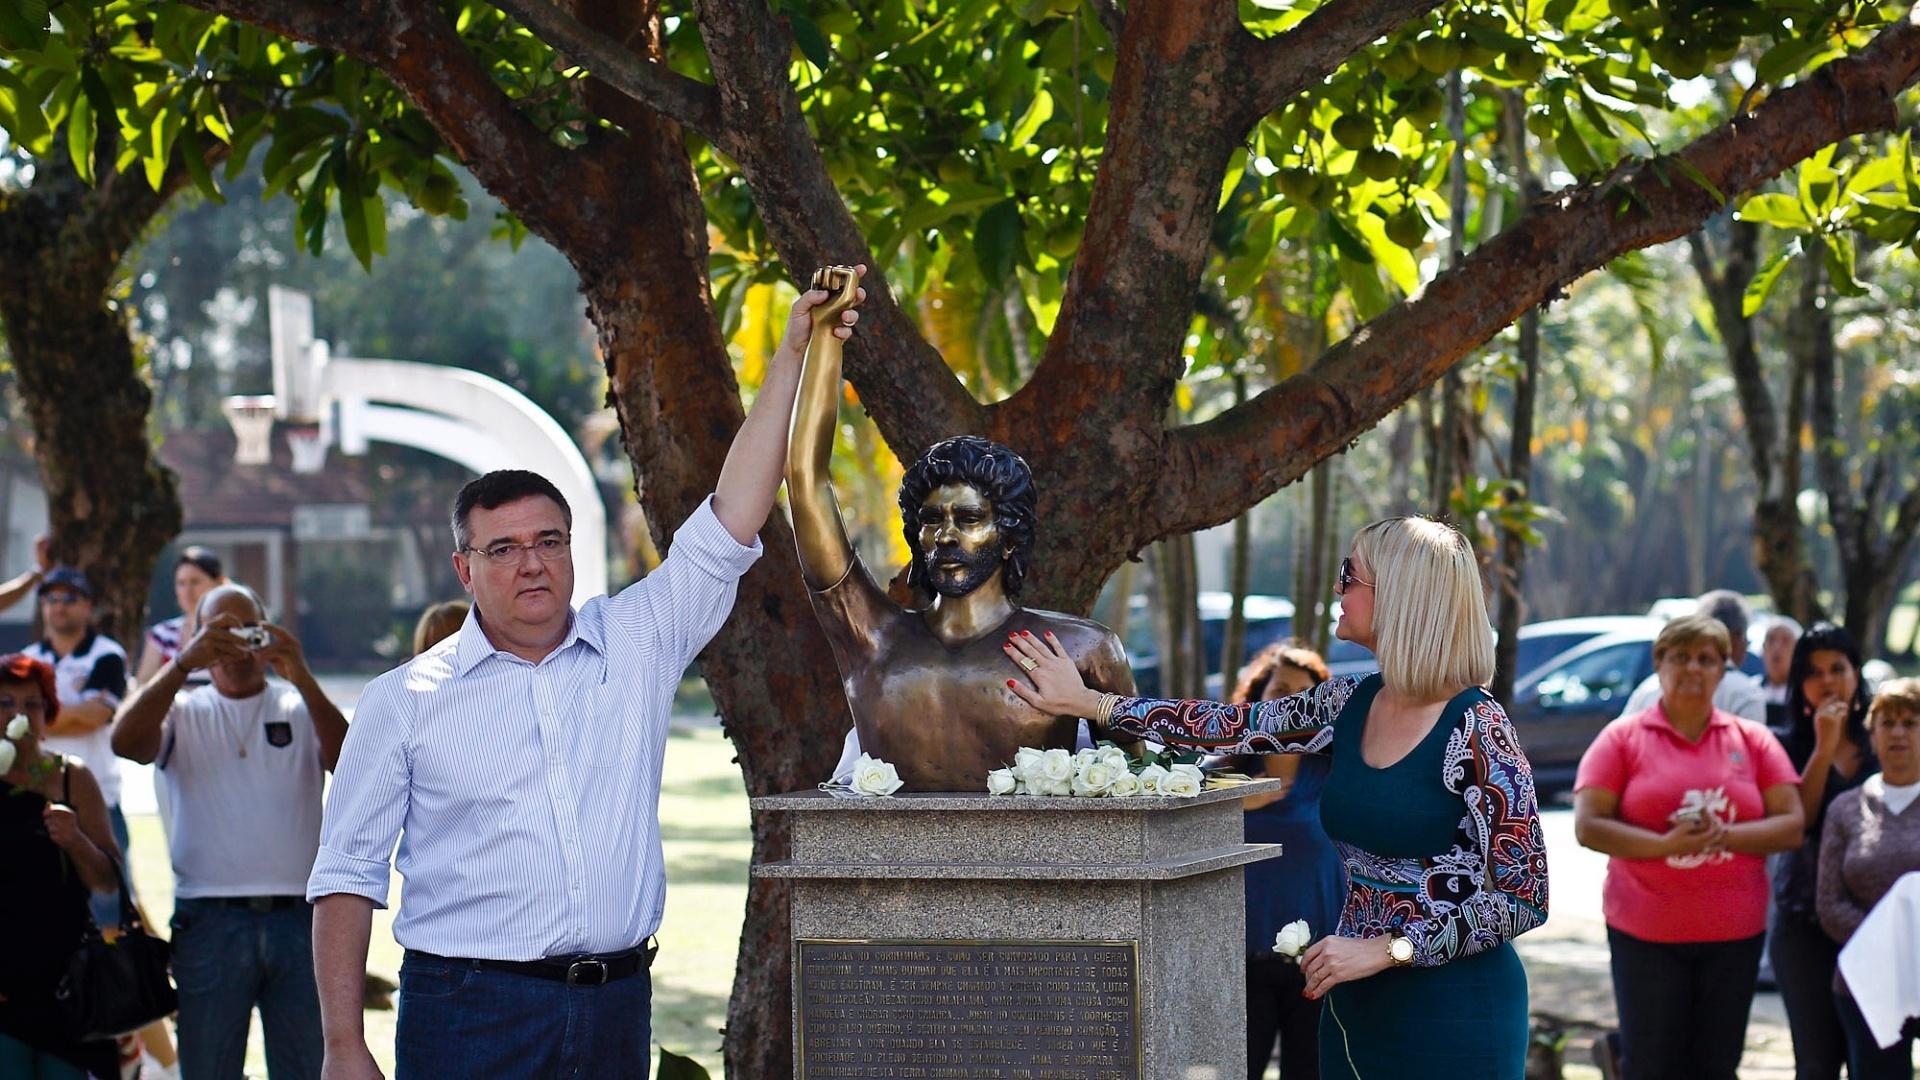 Presidente do Corinthians, Mário Gobbi, inaugura busto de Sócrates no Parque São Jorge